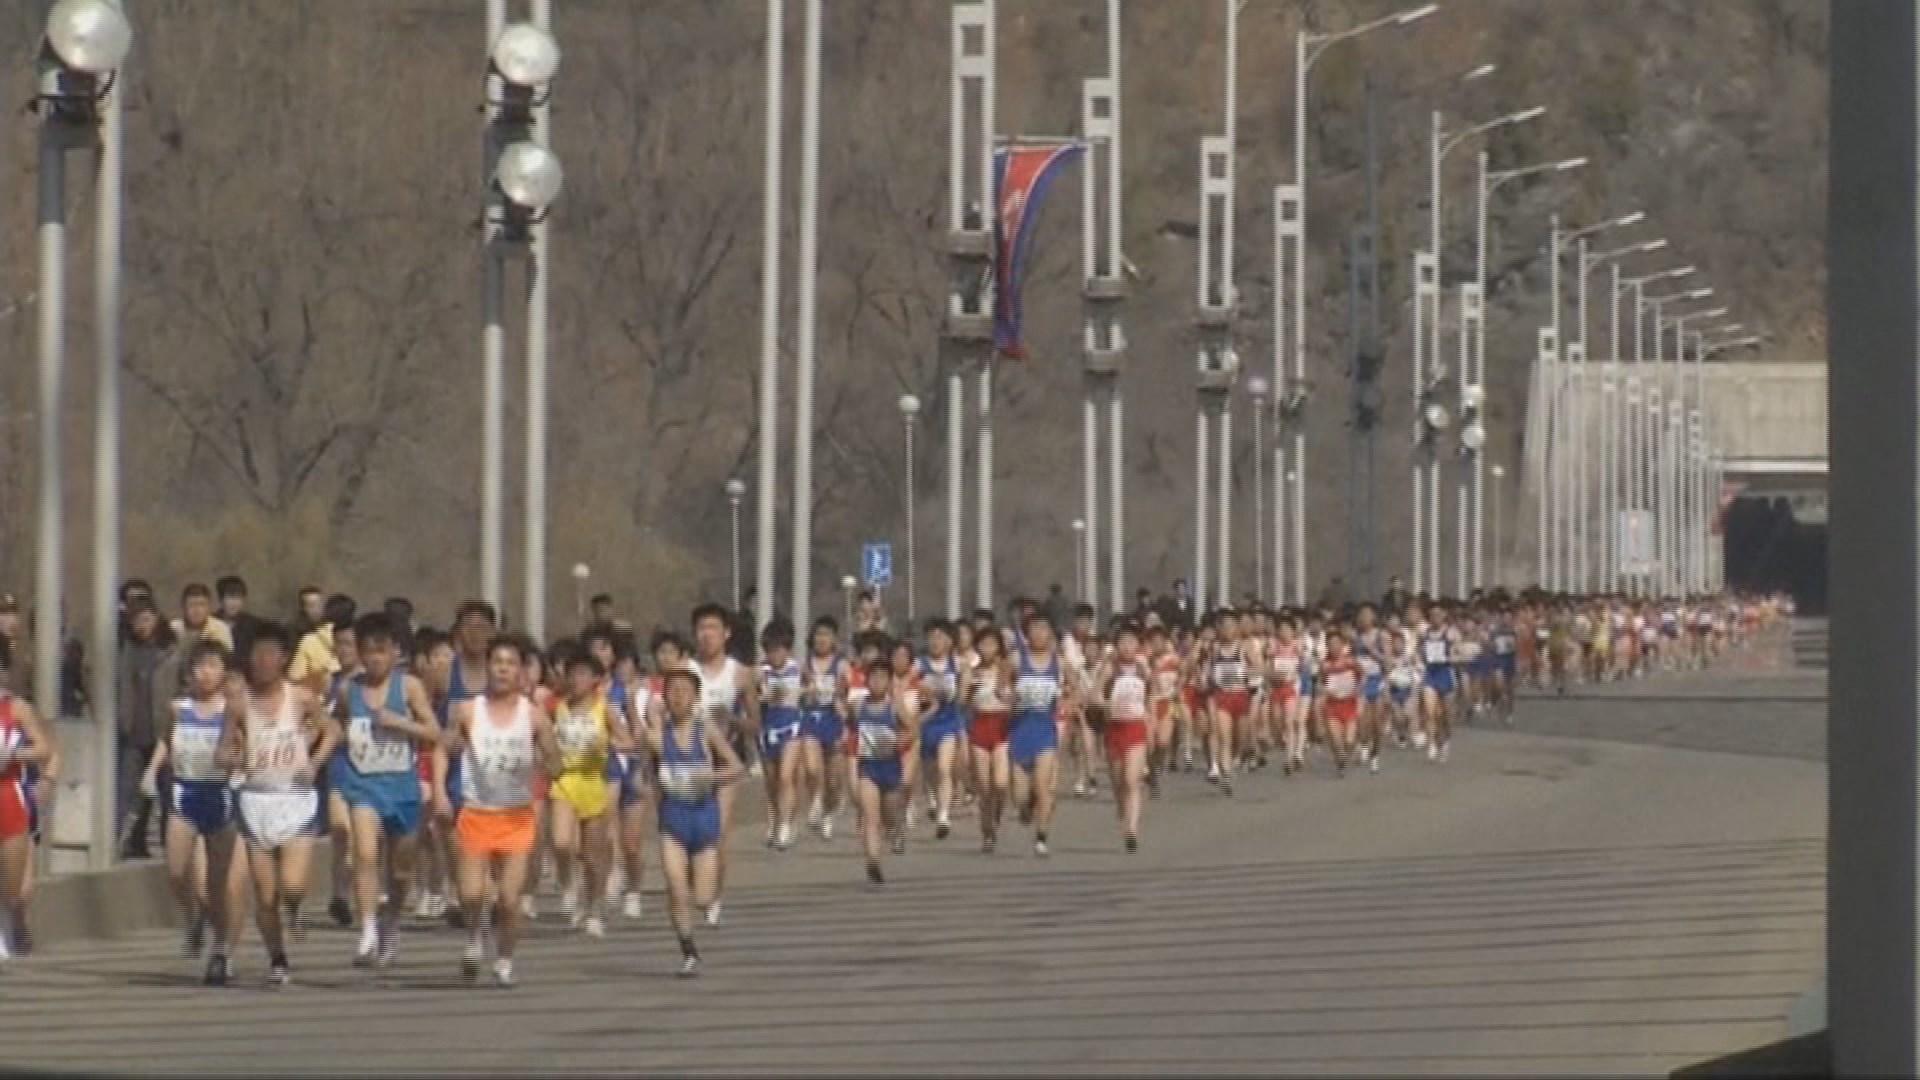 북한, 비대면으로 추진하던 평양마라톤대회 결국 취소